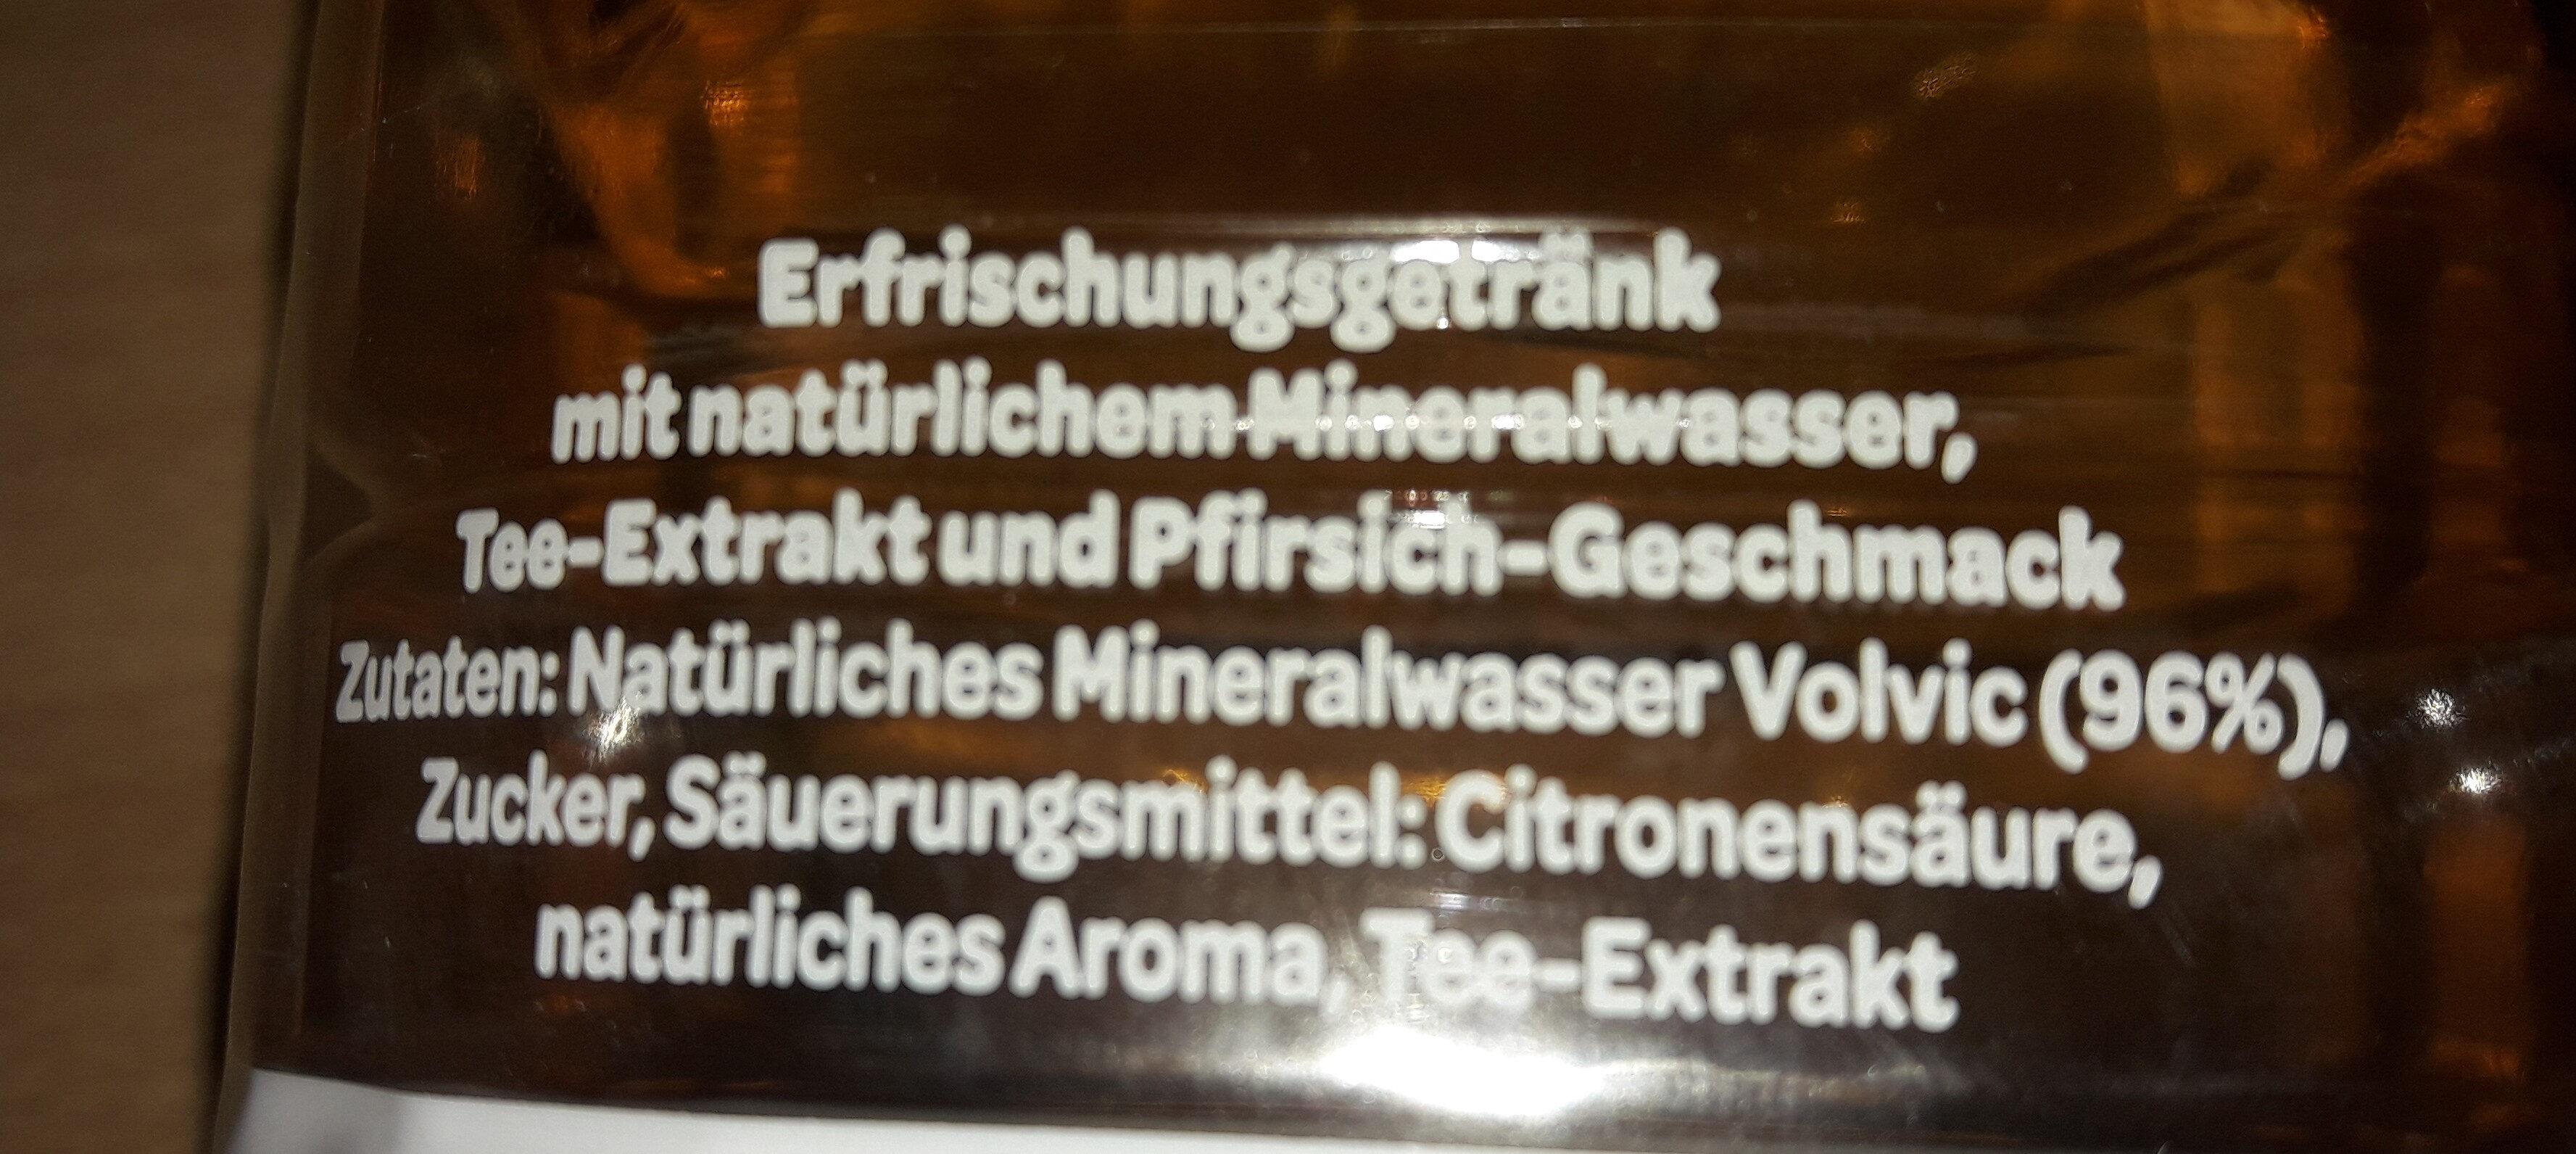 Danone, Volvic Tee, Pfirsich Aromatisiertes Mineralwasser - Ingredienti - de